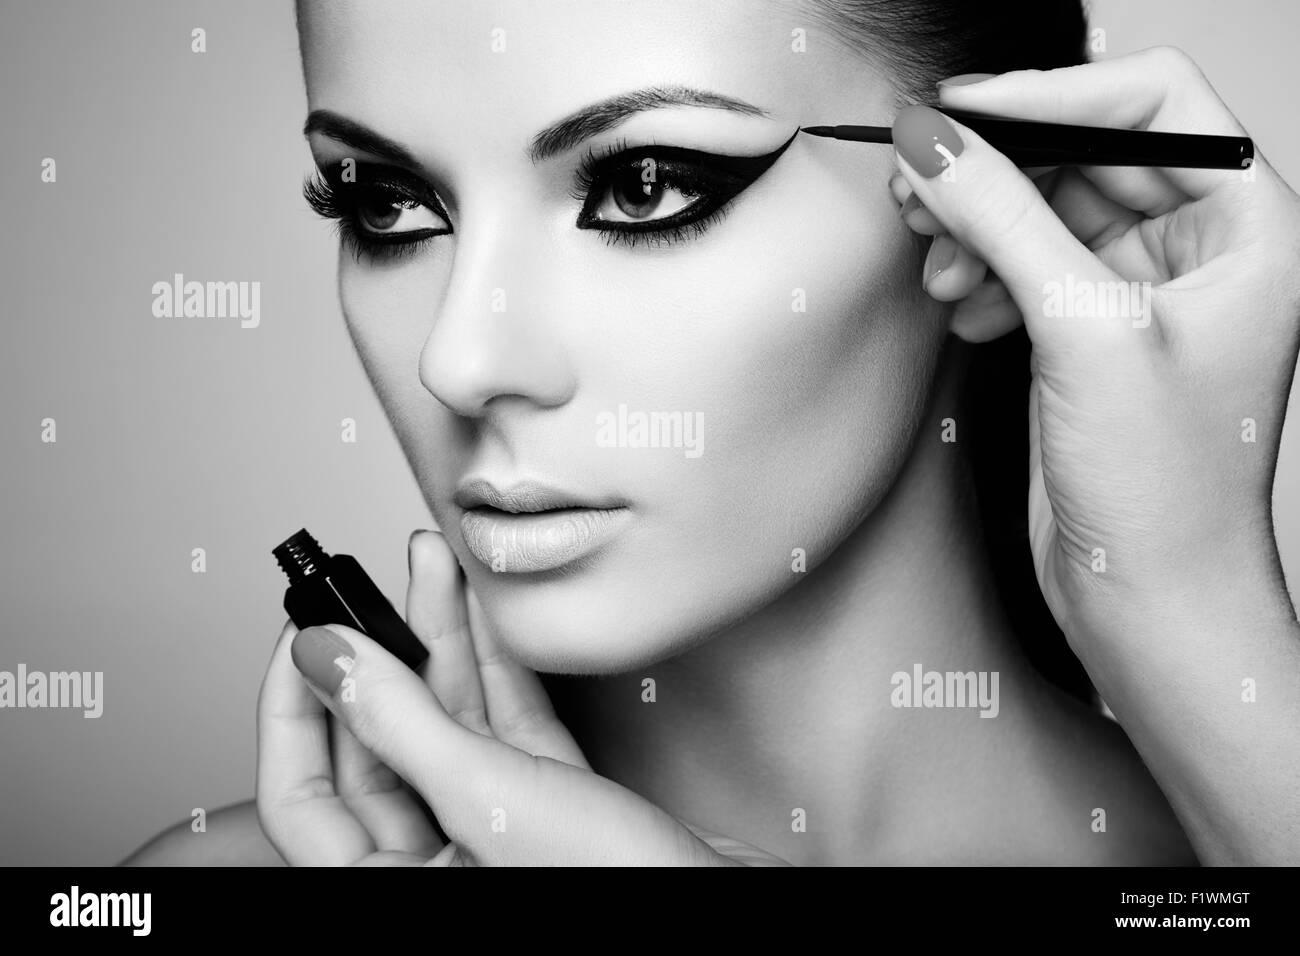 Maquilleur applique l'ombre d'oeil. Belle femme visage. Maquillage parfait. Photo en noir et blanc Photo Stock